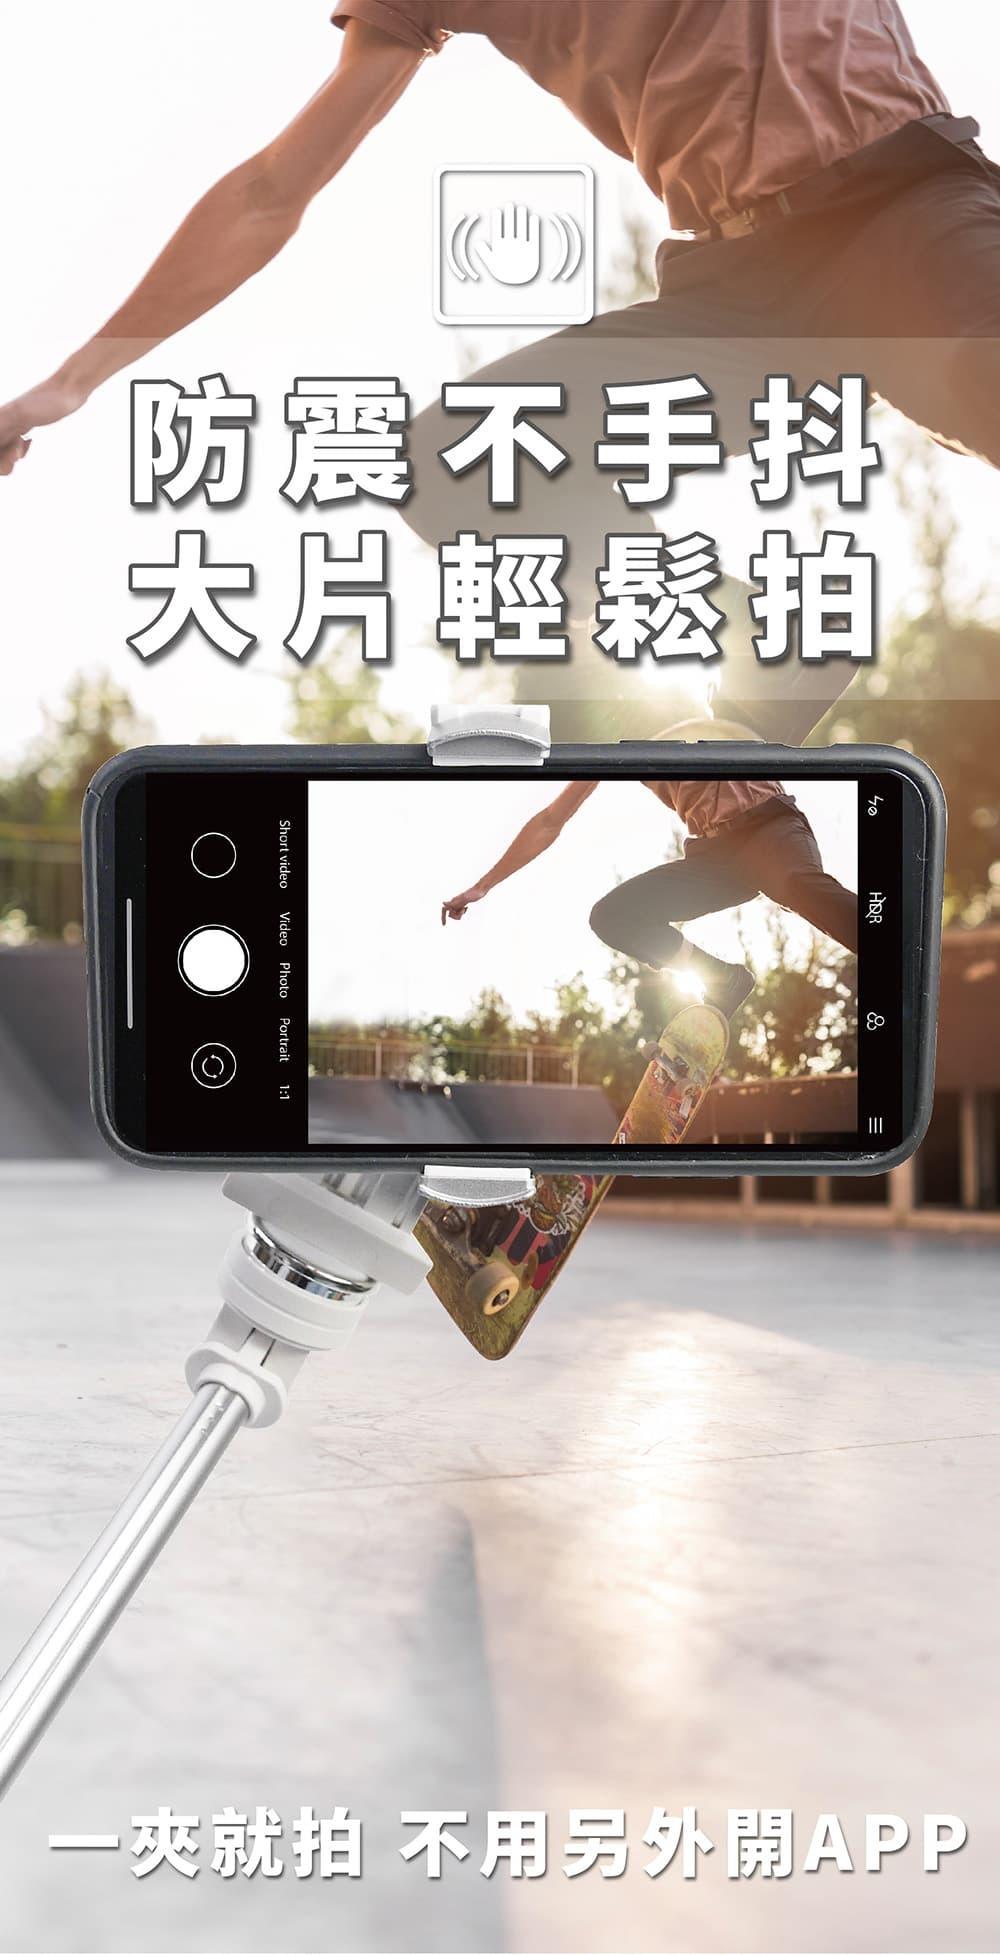 美極品三腳穩定器-單軸穩定器防震抗手抖輕鬆拍vlog